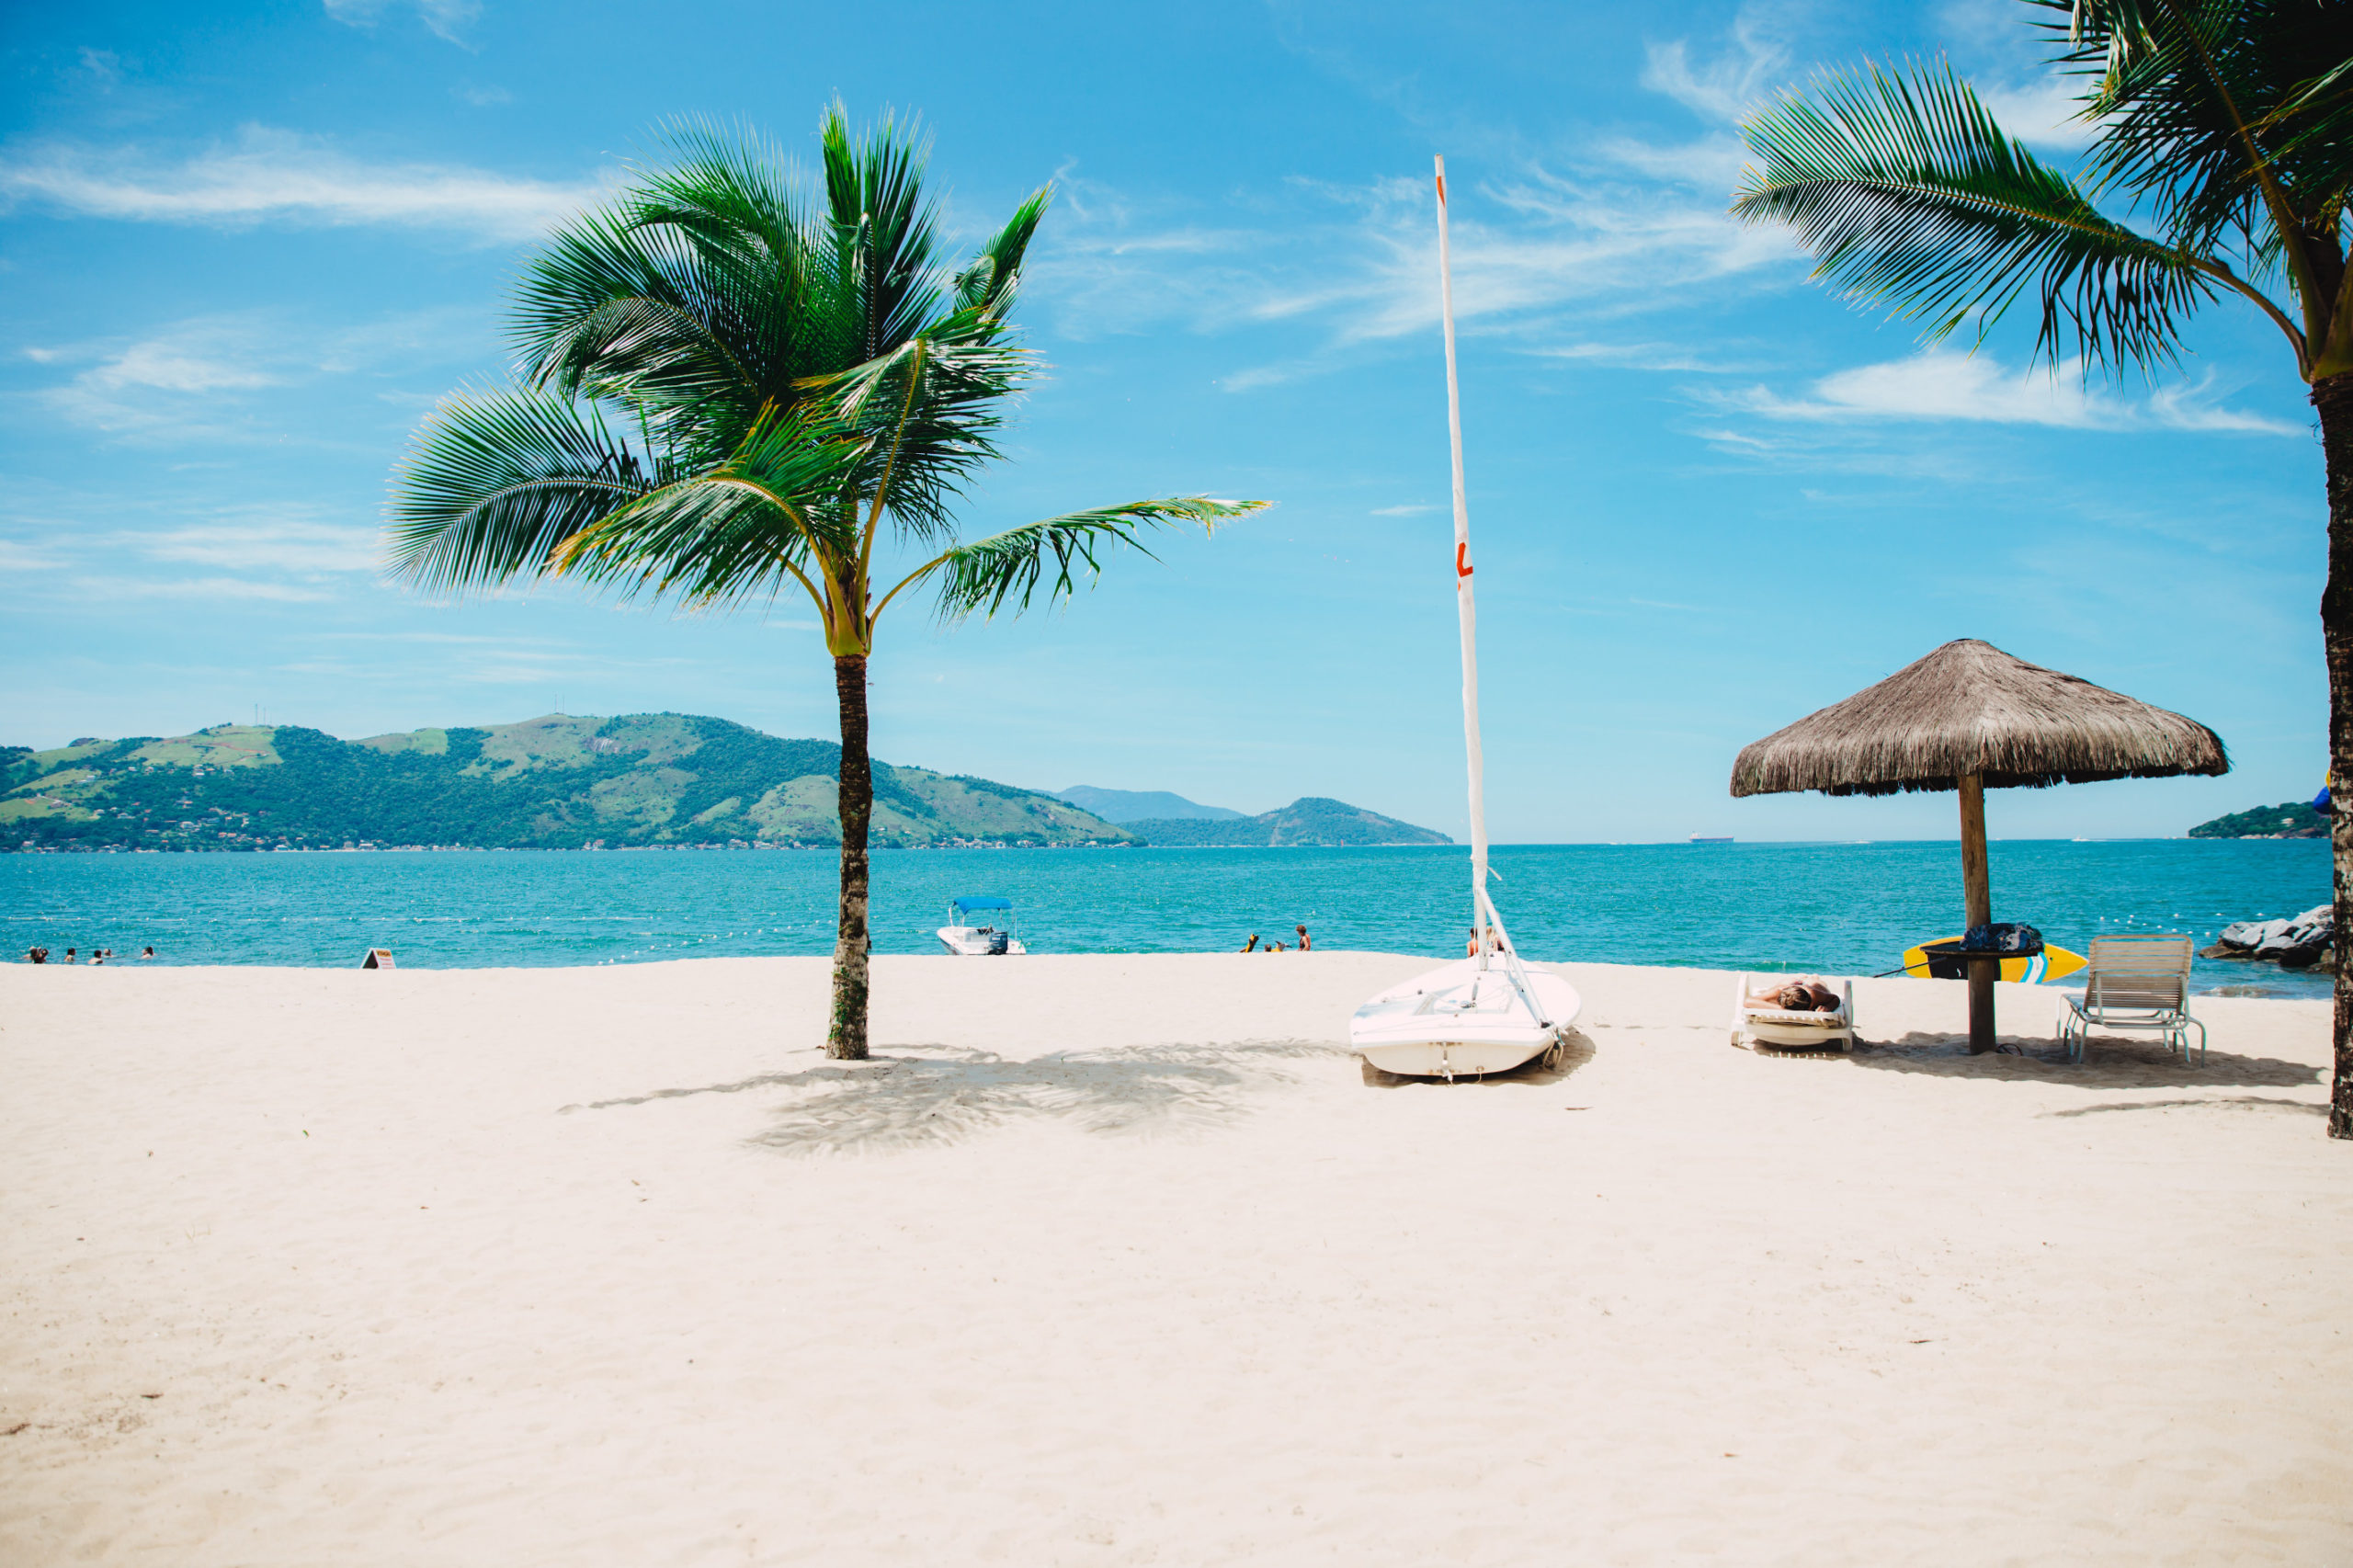 Plan a winter beach getaway